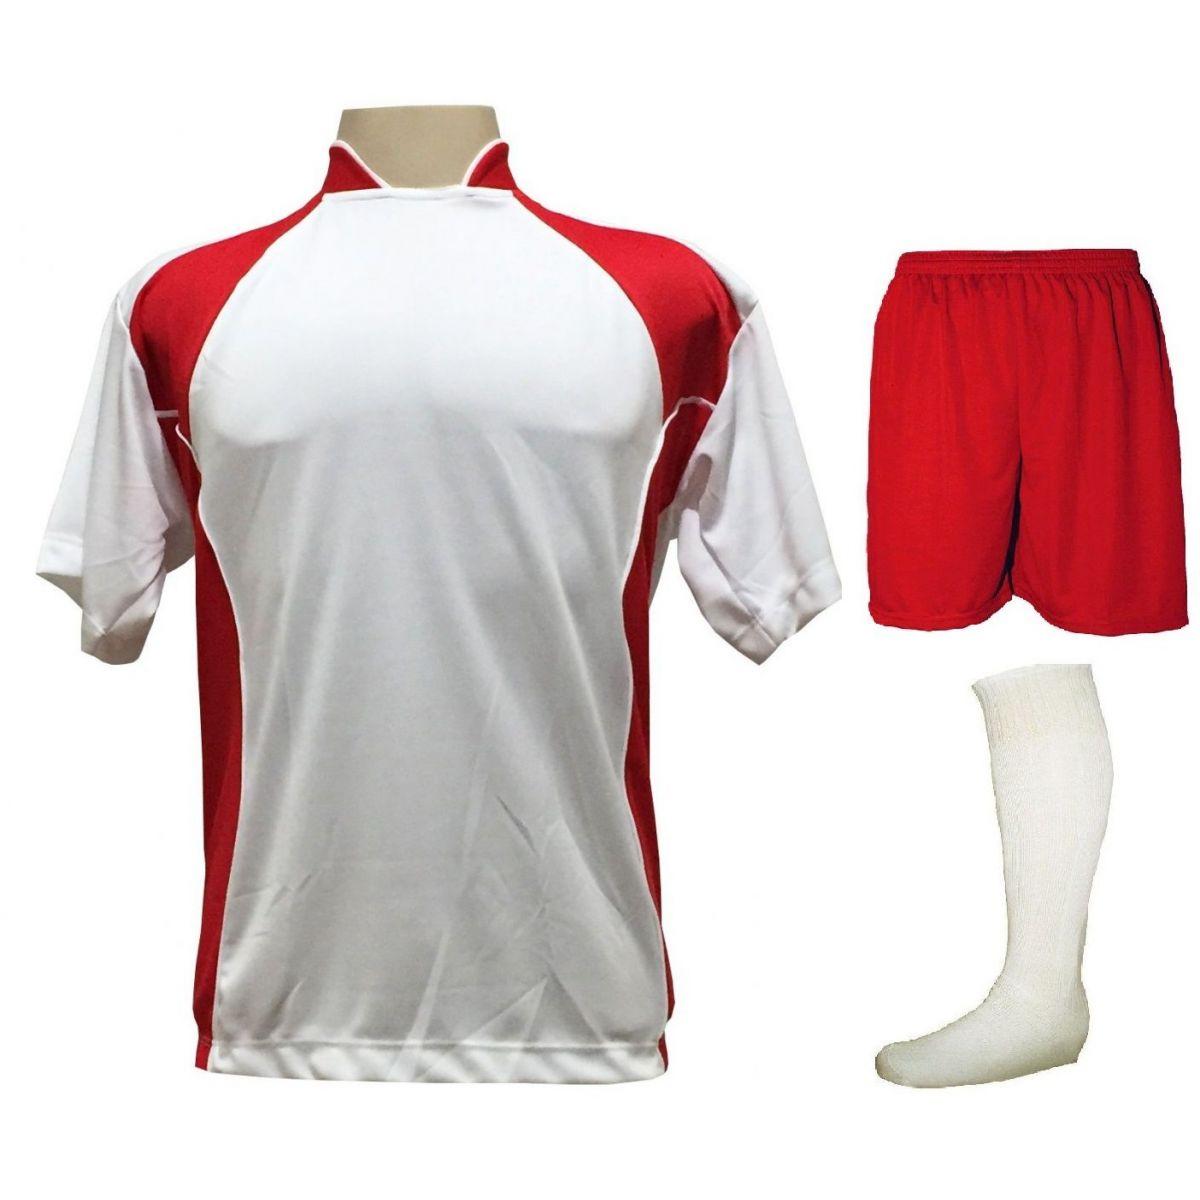 Uniforme Esportivo com 14 camisas modelo Suécia Branco/Vermelho + 14 calções modelo Madrid Vermelho + 14 pares de meiões Branco